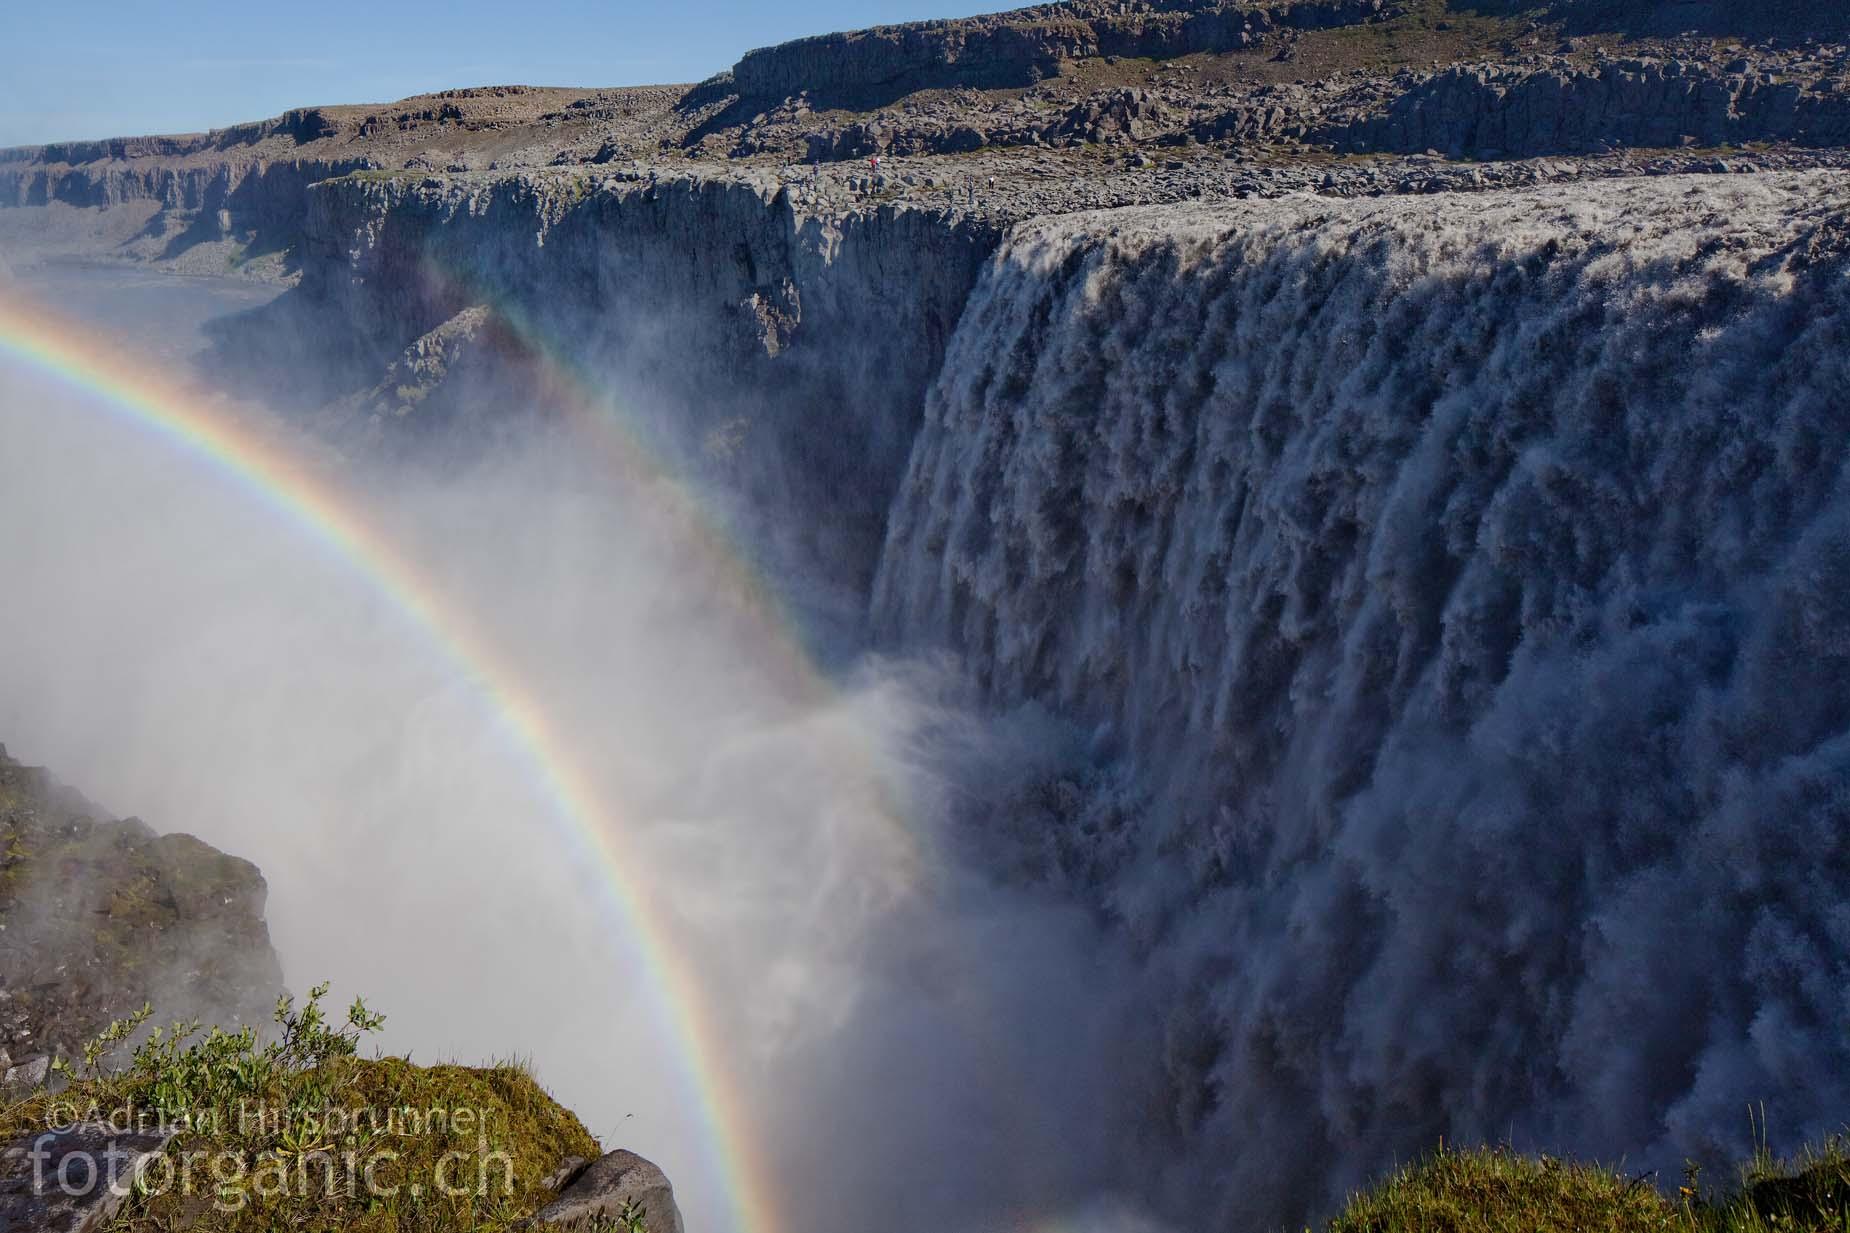 Im Sommer beträgt der Wasserdurchfluss des Dettifoss bei 1500 m³/s! Er ist damit der mächtigste Wasserfall Europas.